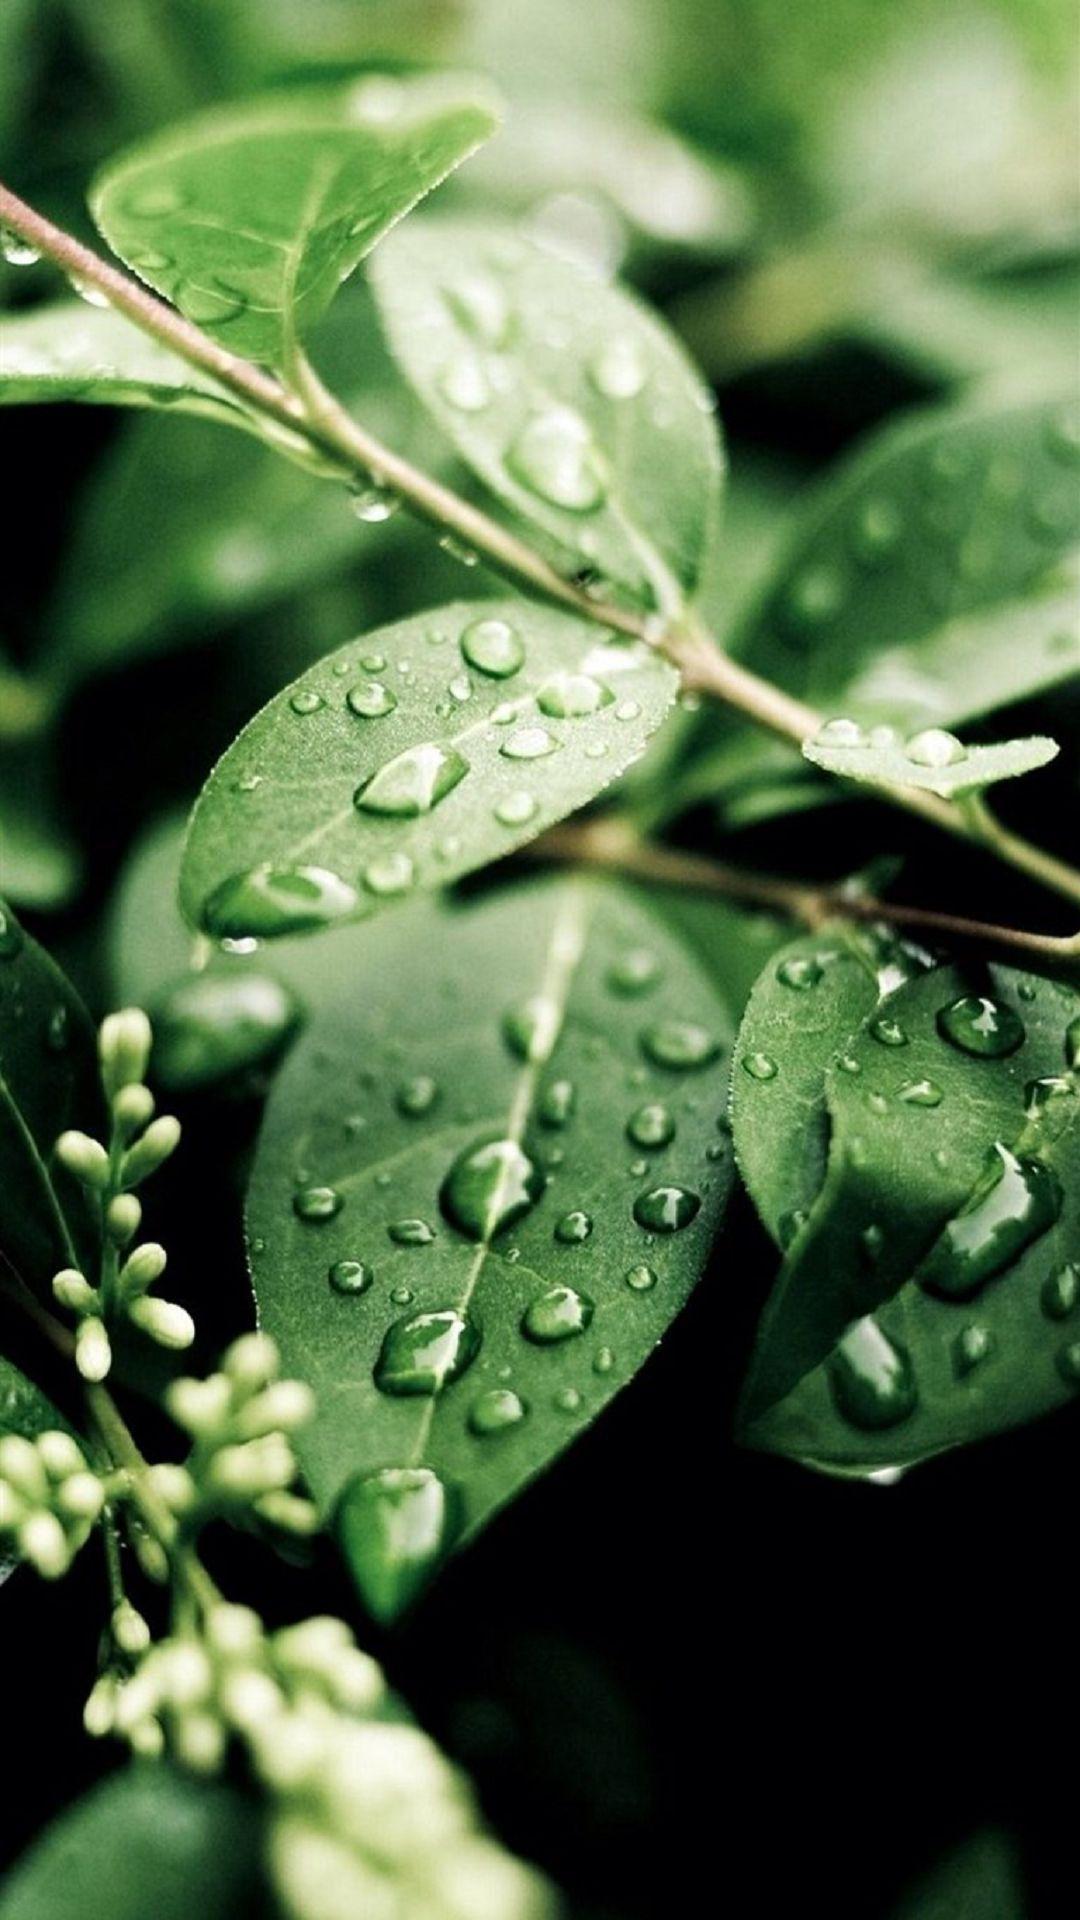 Macro Water On Green Leaves iPhone 6 plus Wallpaper